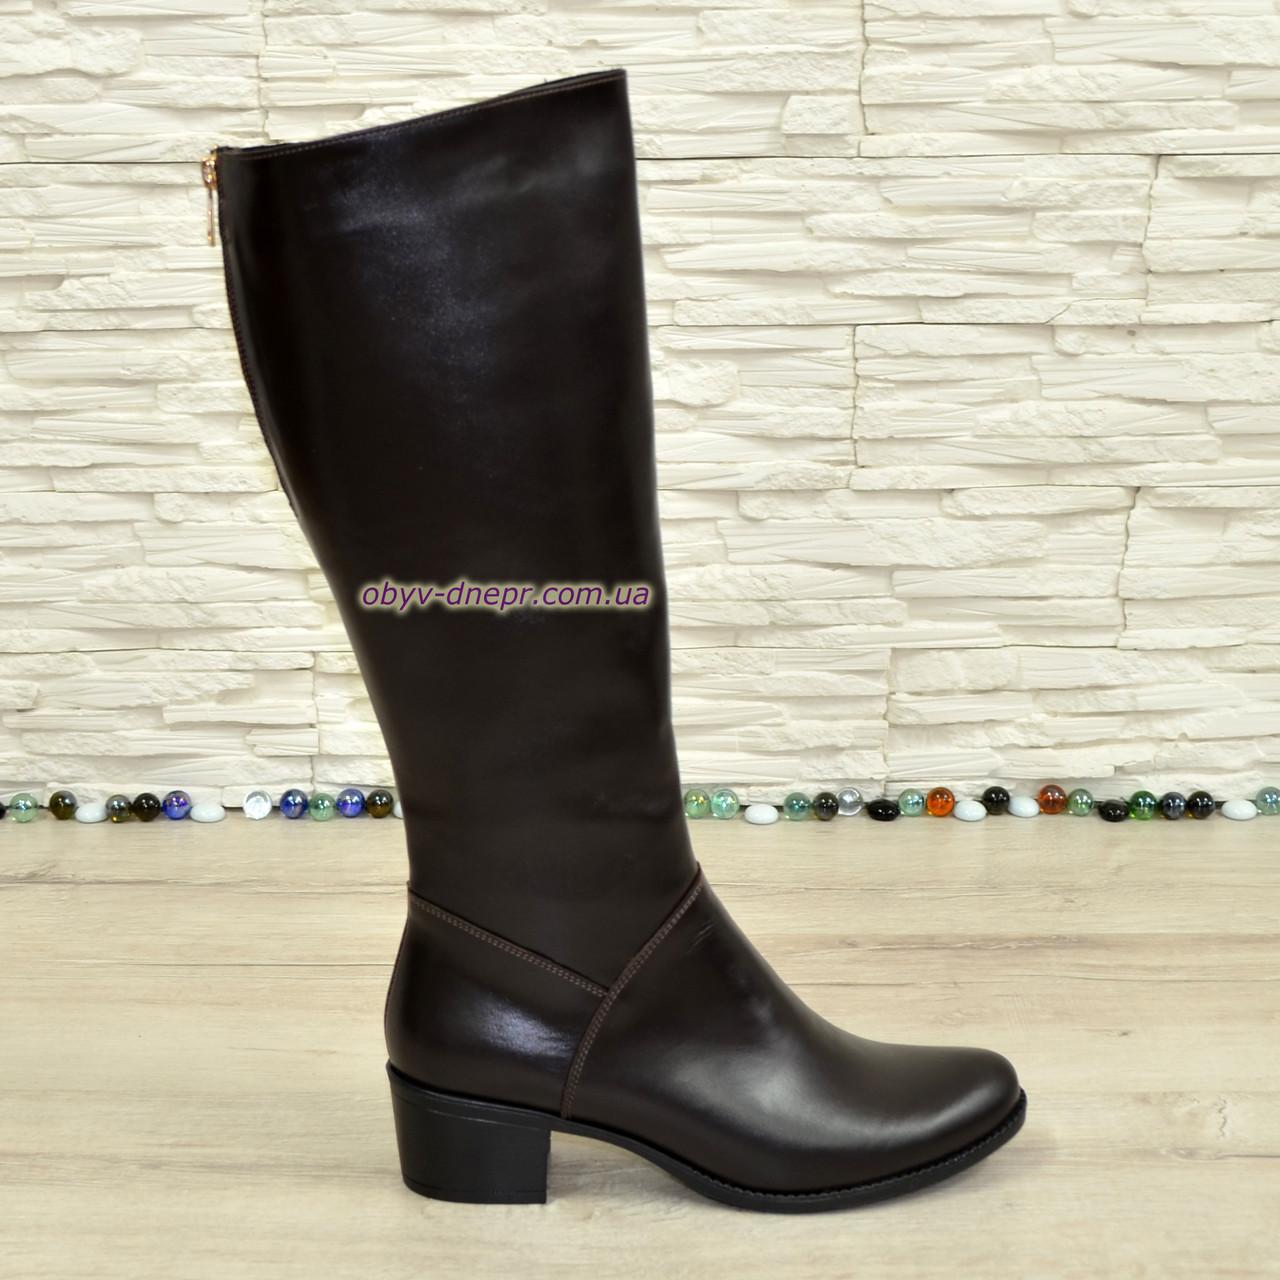 b6fb85660 Женские кожаные сапоги демисезонные на устойчивом каблуке, коричневый цвет.